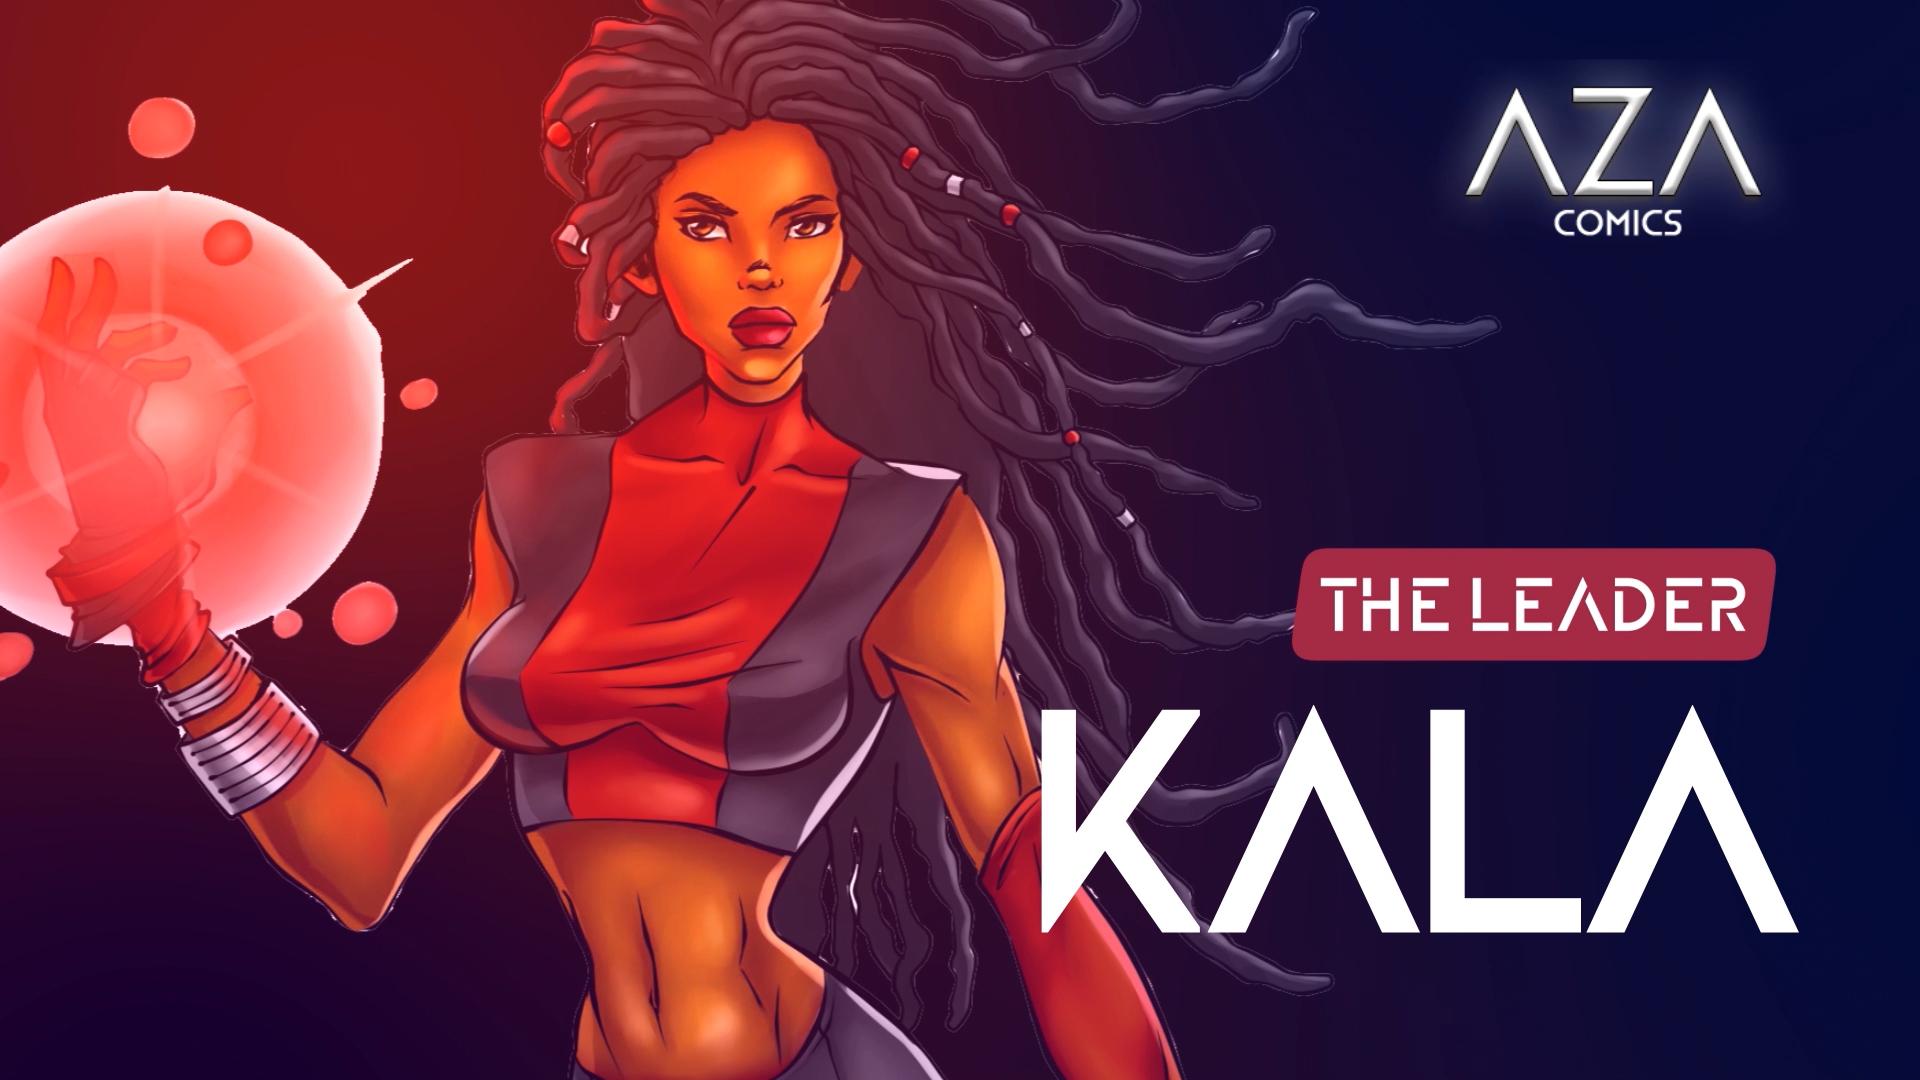 Meet Kala!